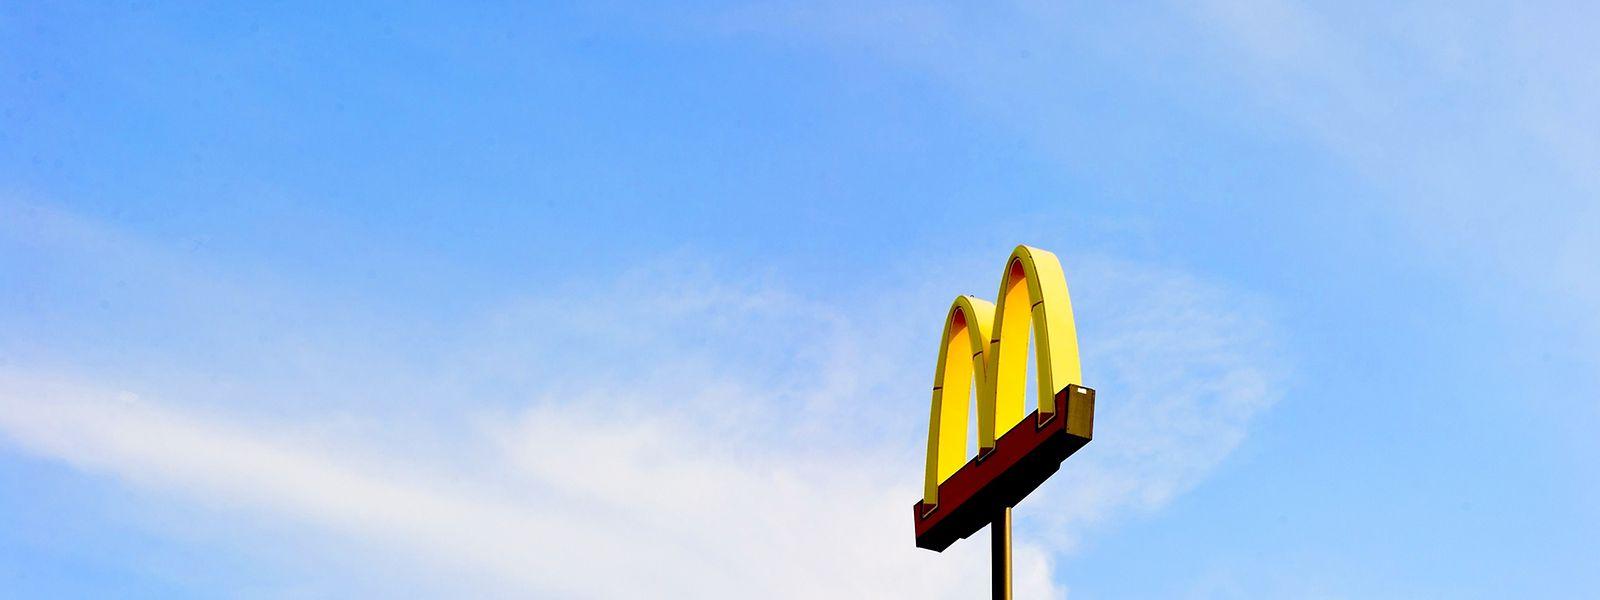 Trois fédérations syndicales ont accusé McDonald's d'avoir soustrait plus d'un milliard de recettes fiscales aux États européens